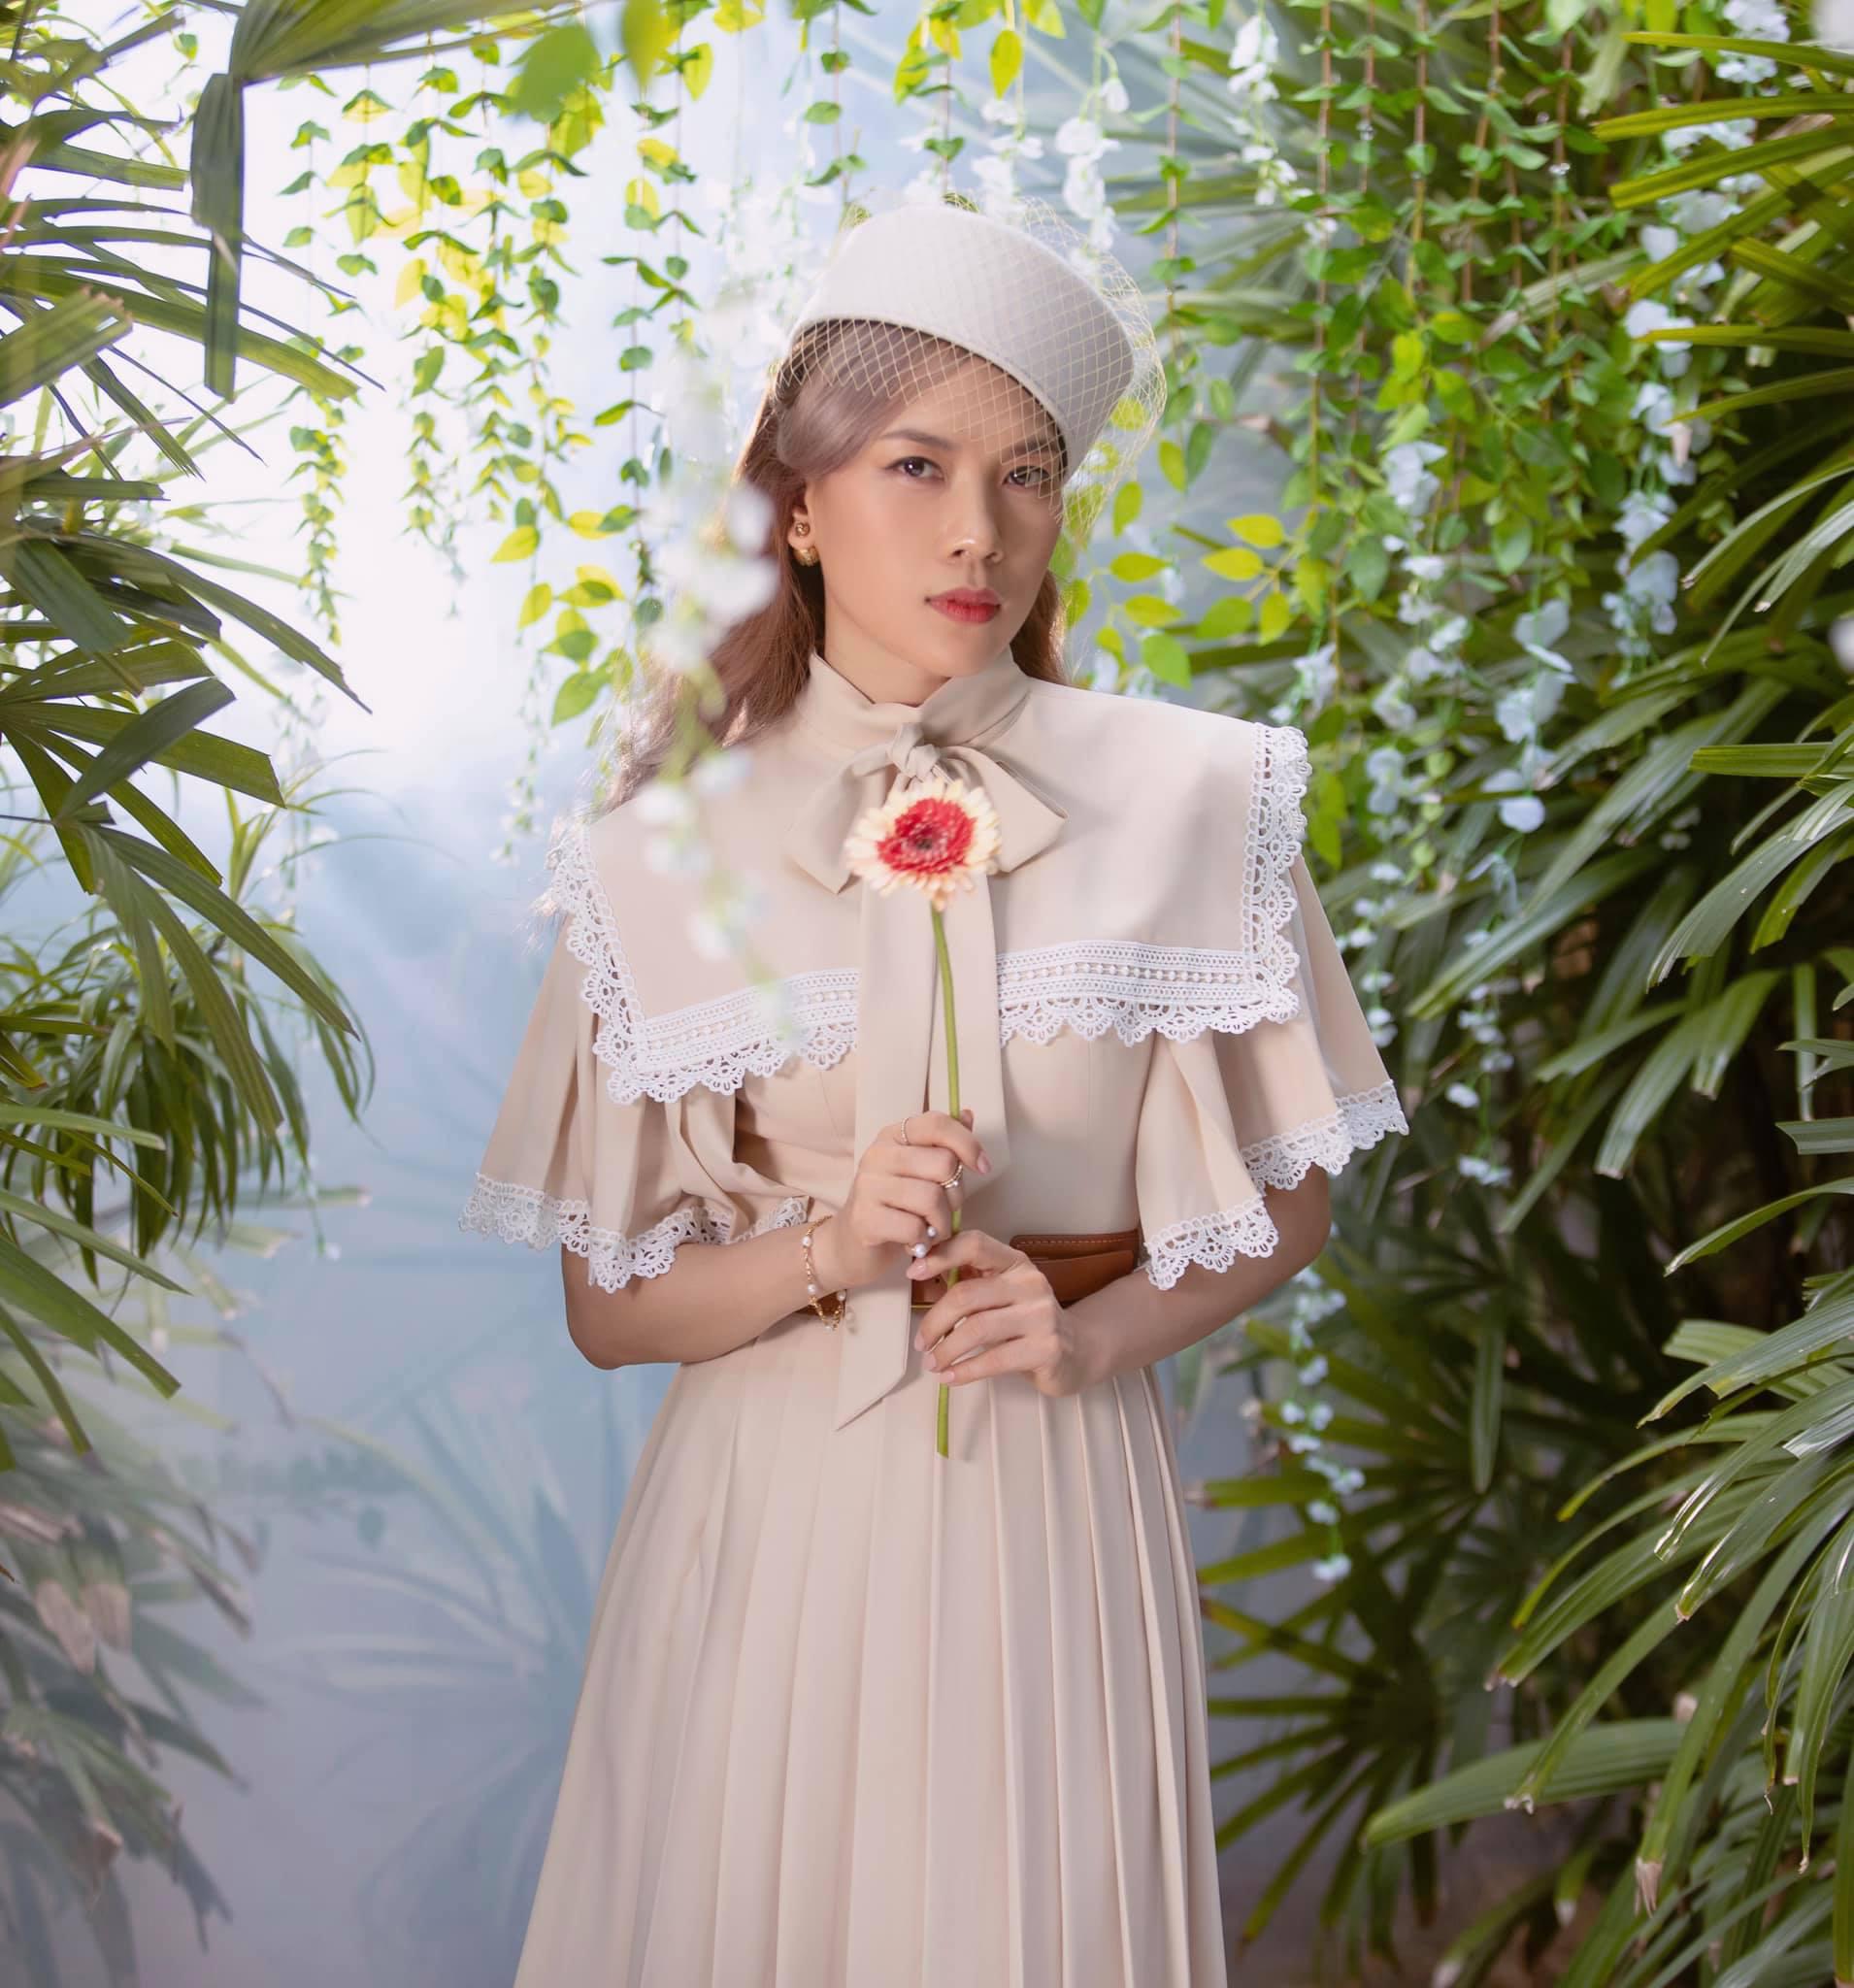 Bóc mác 15 outfit của Mỹ Tâm trong MV mới: Cực nhiều đồ hiệu nhưng chị mặc fail cũng nhiều, phụ kiện tiền tạ chị quăng không thương tiếc  - Ảnh 1.